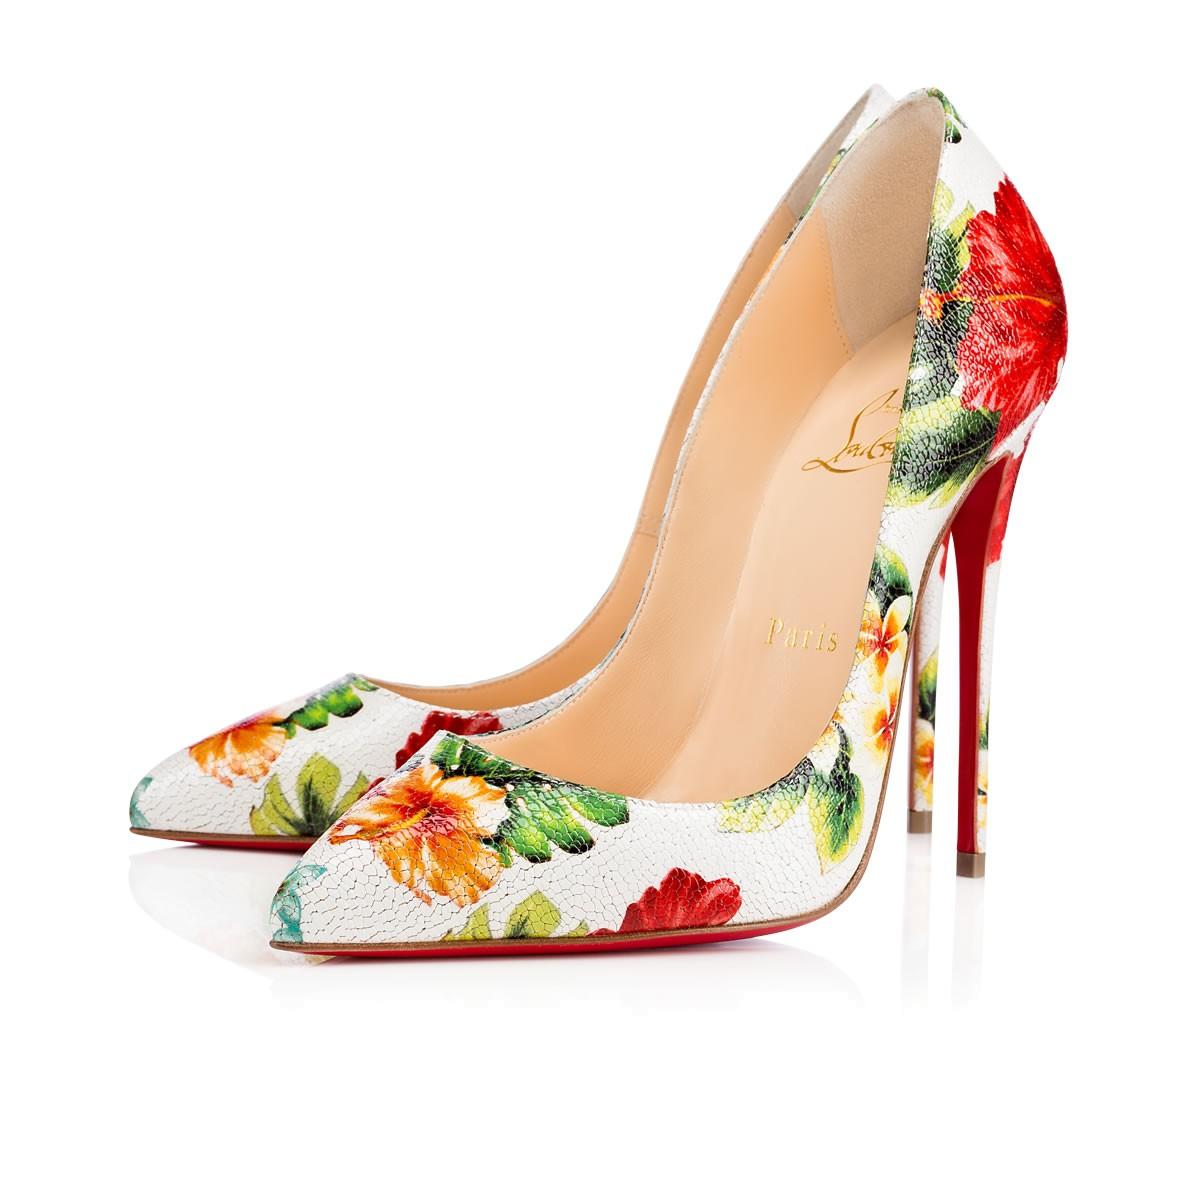 Цветочные туфли лабутены, модель Pigalle Follies